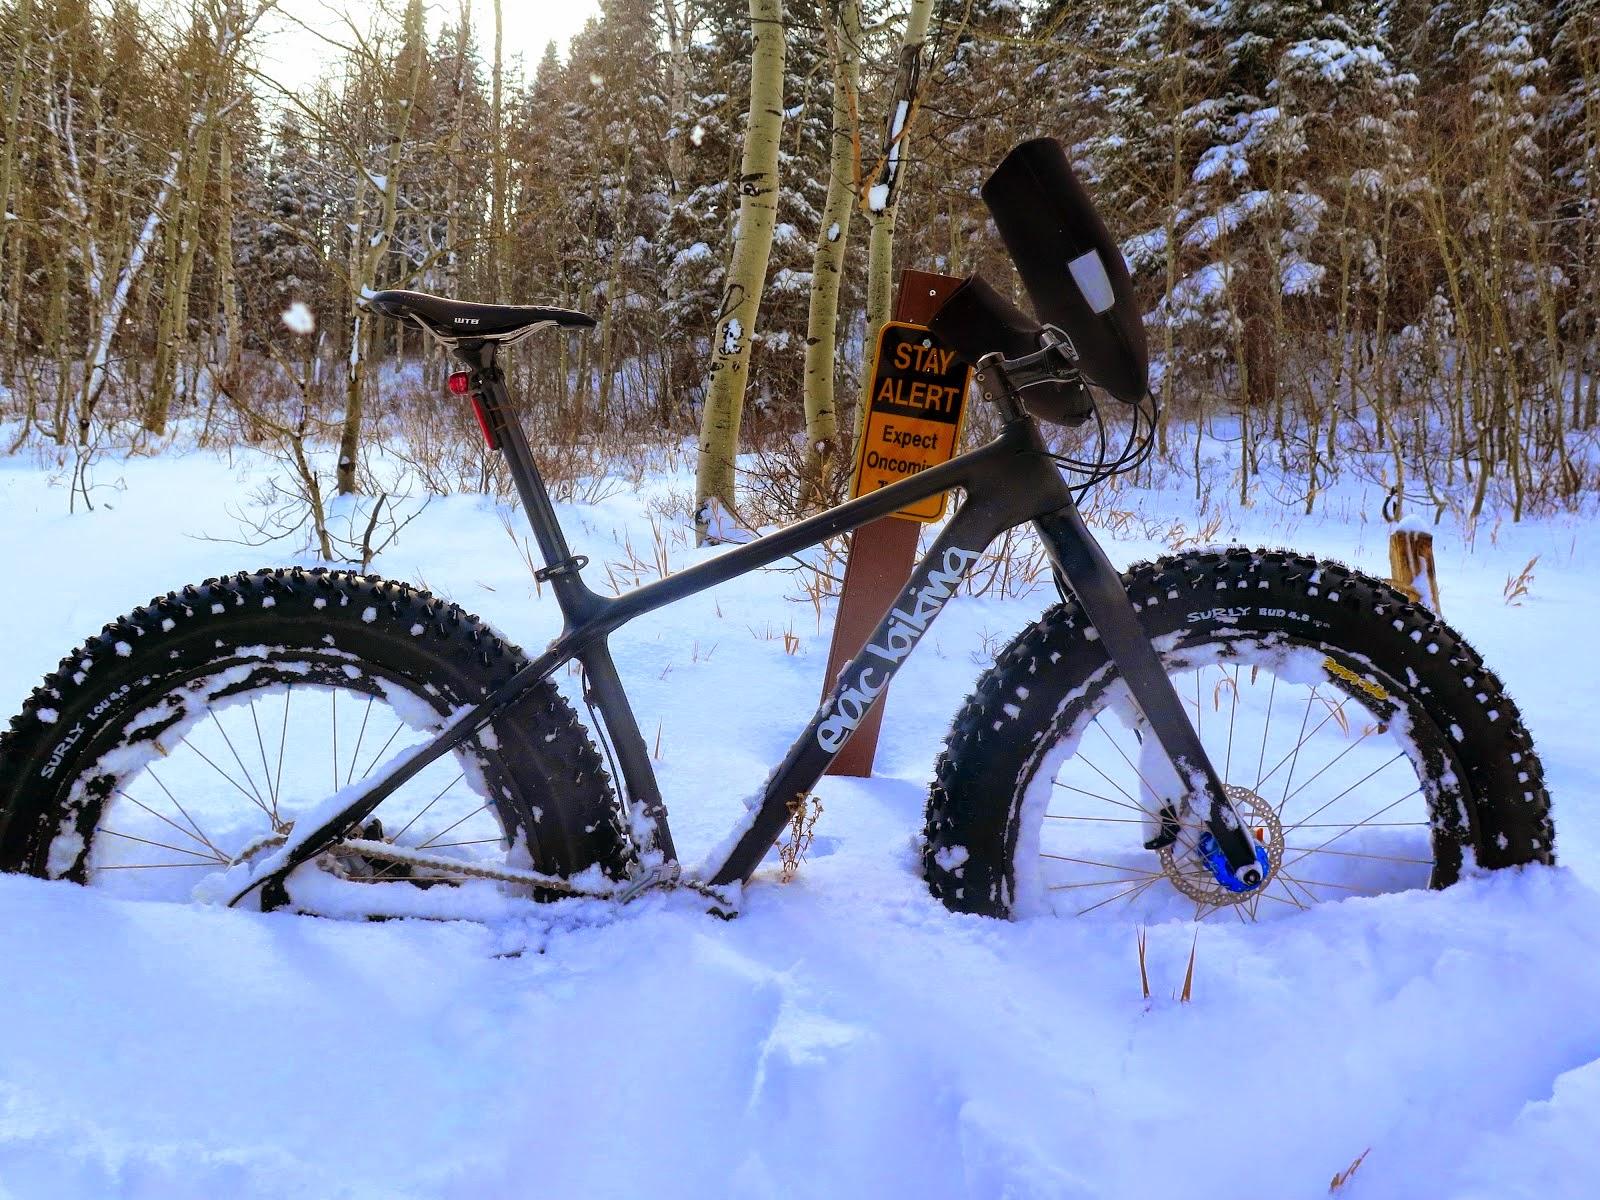 South Pole Bikes